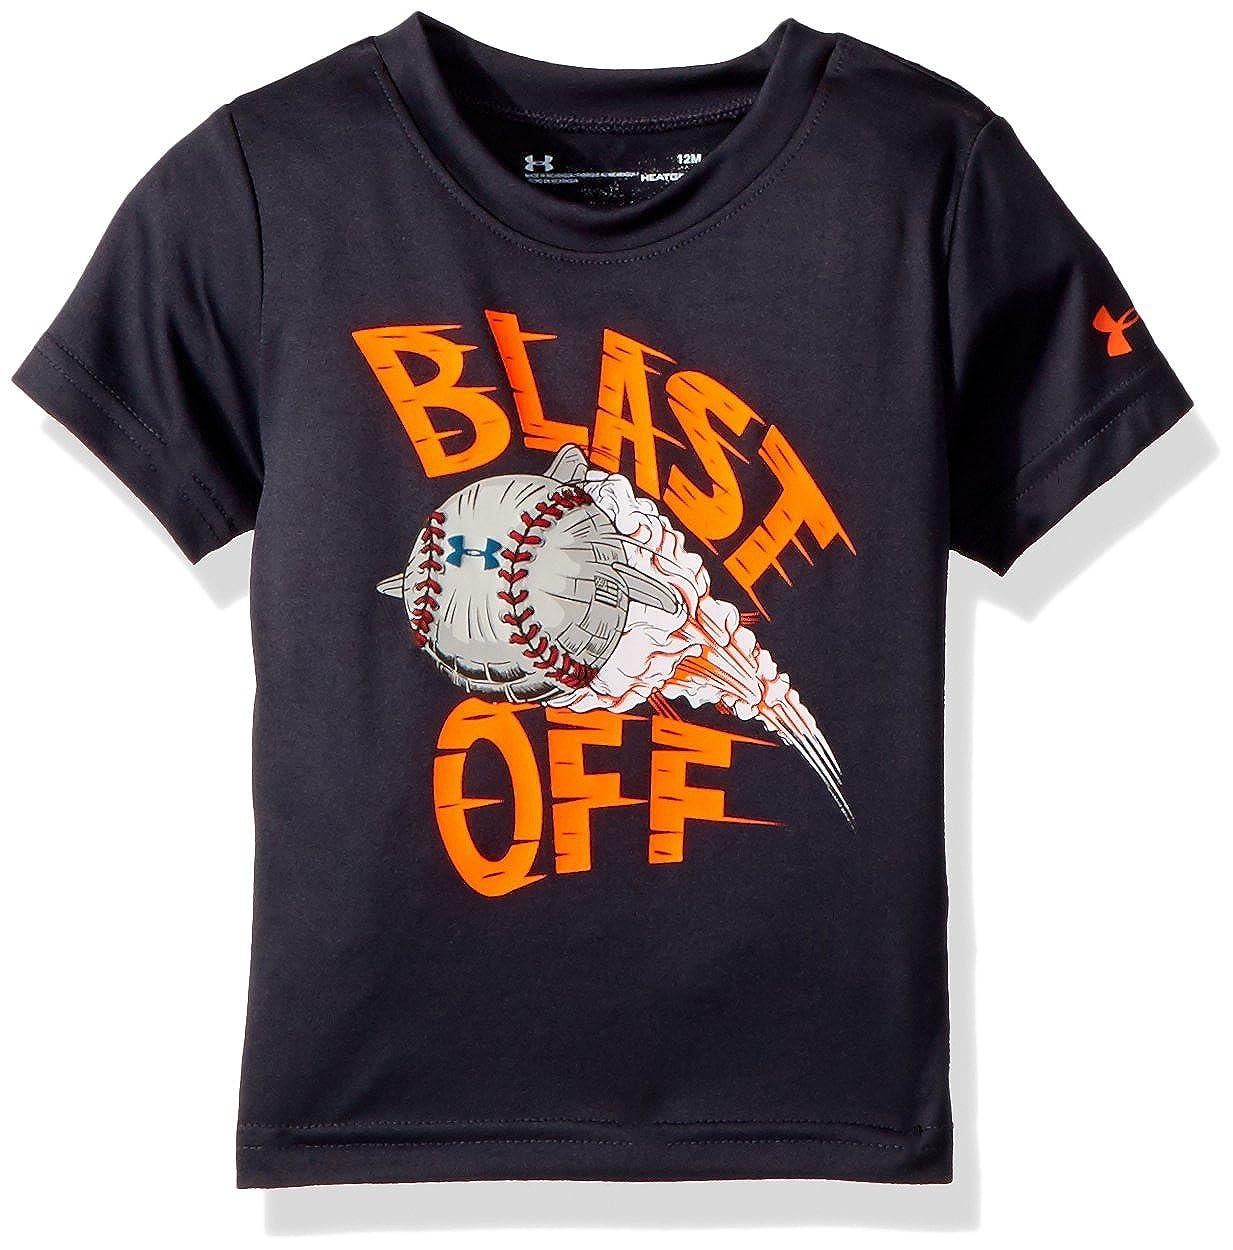 Under Armour Boys Blast Off Short Sleeve T-Shirt 27E74026-11